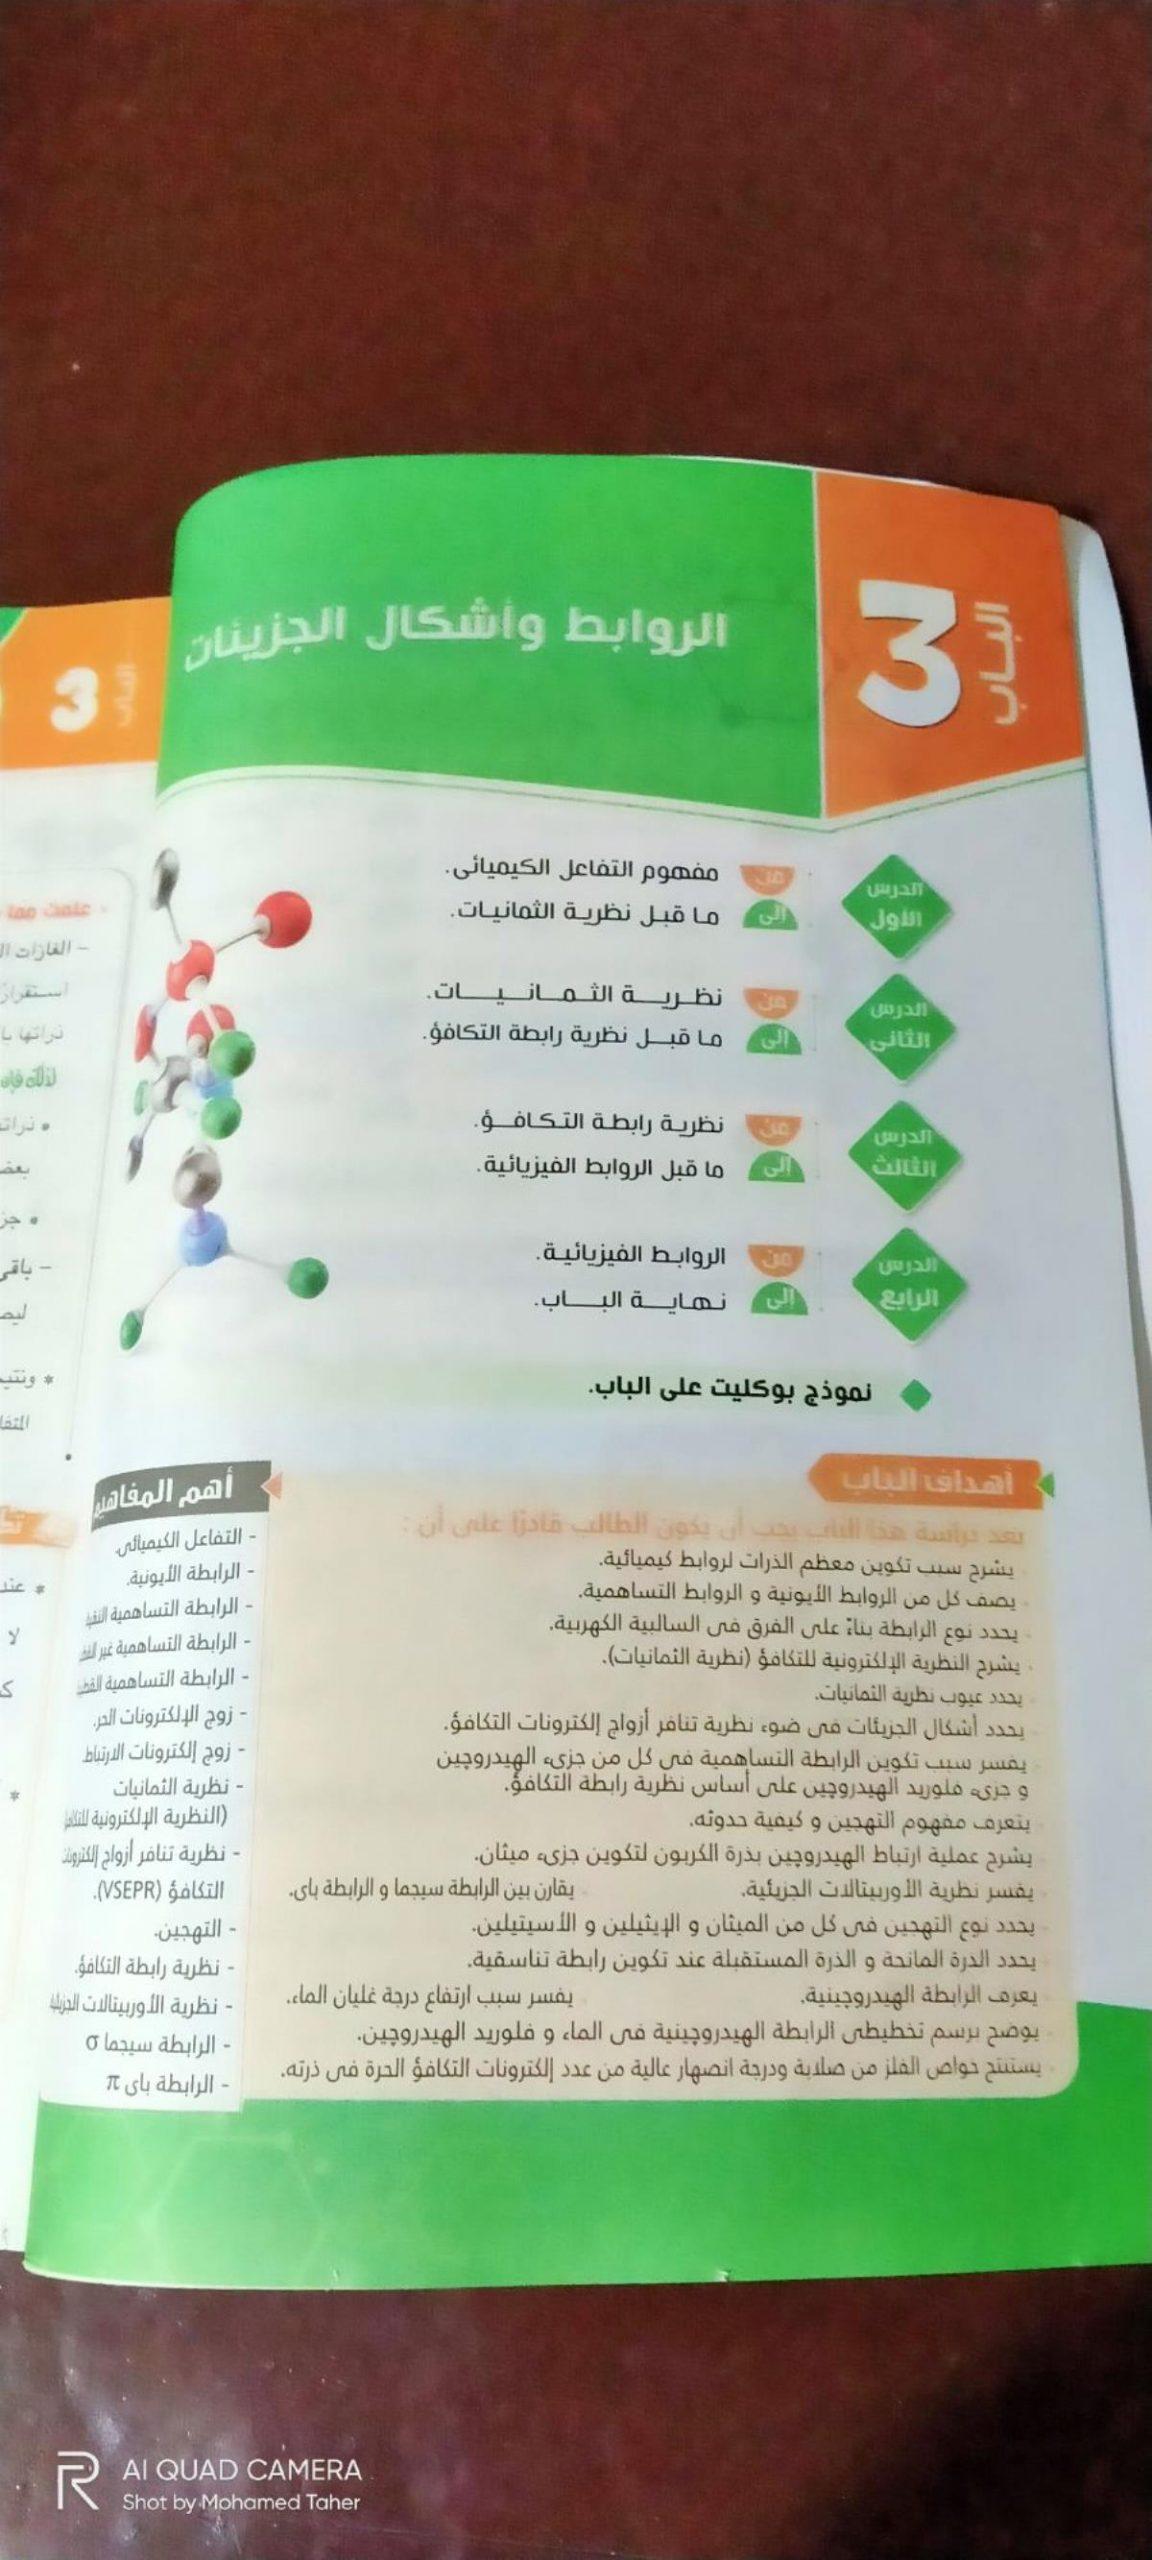 كتاب كيمياء حيوية pdf